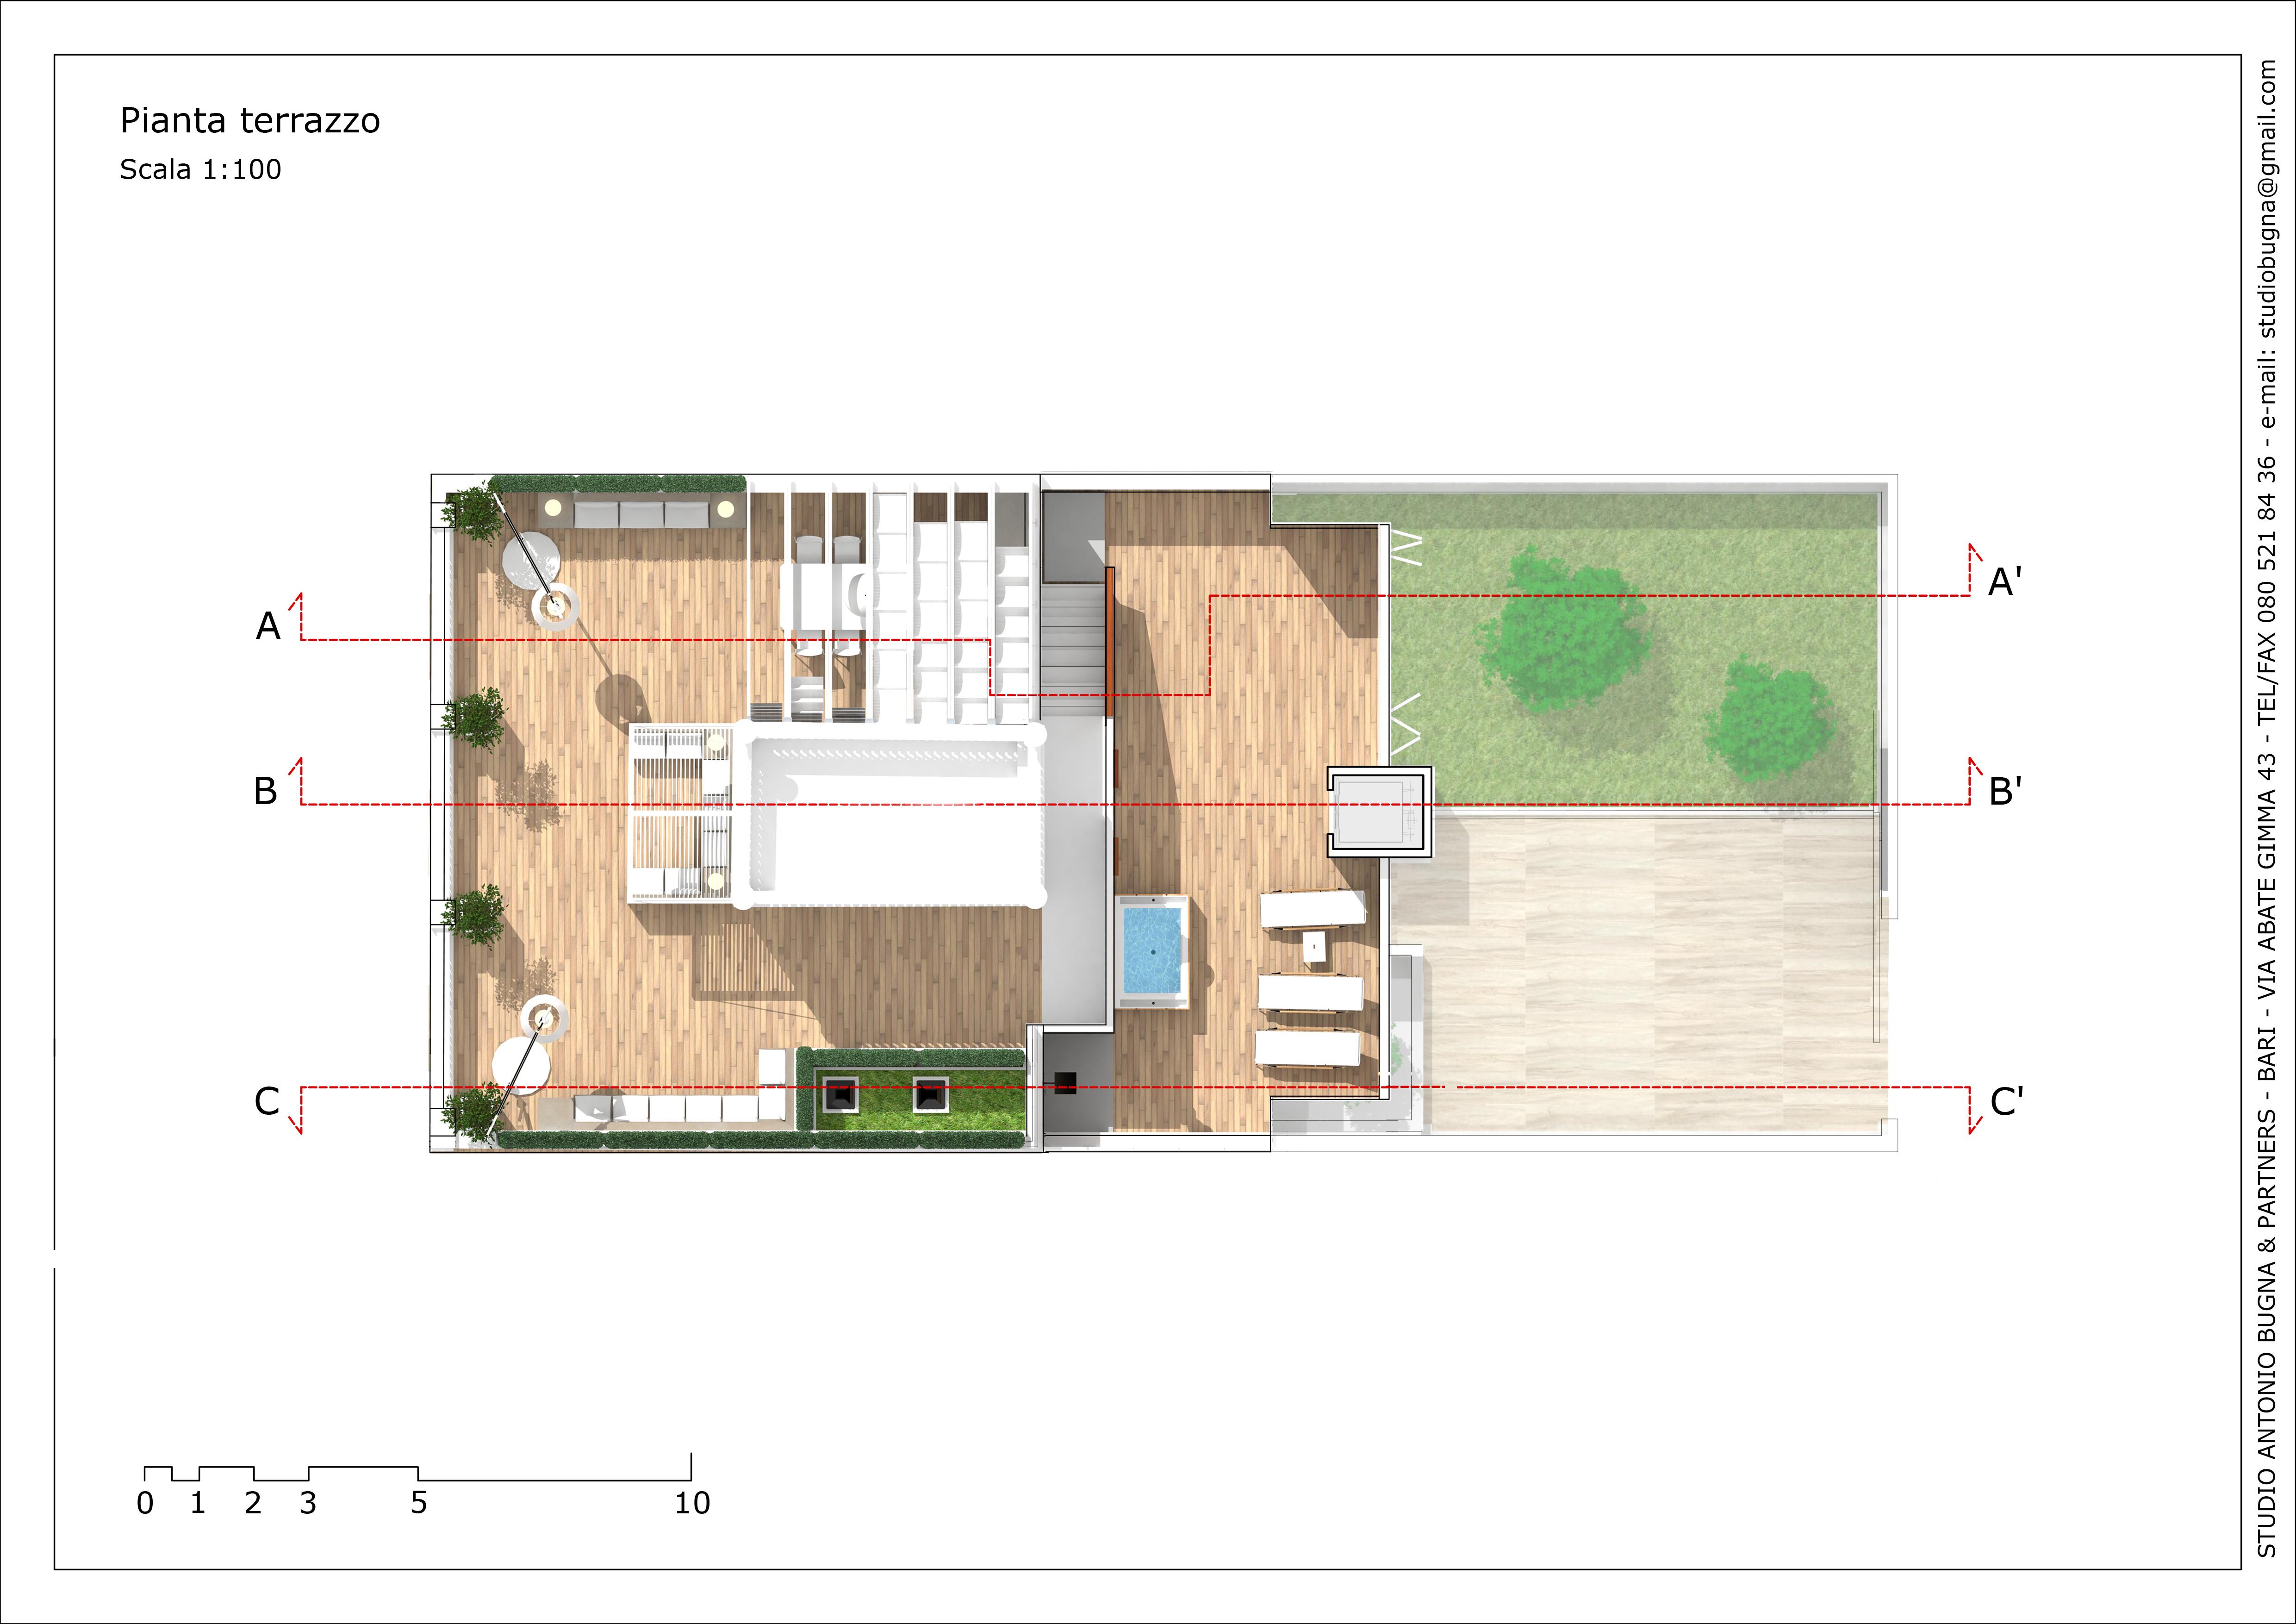 Piano terrazzo